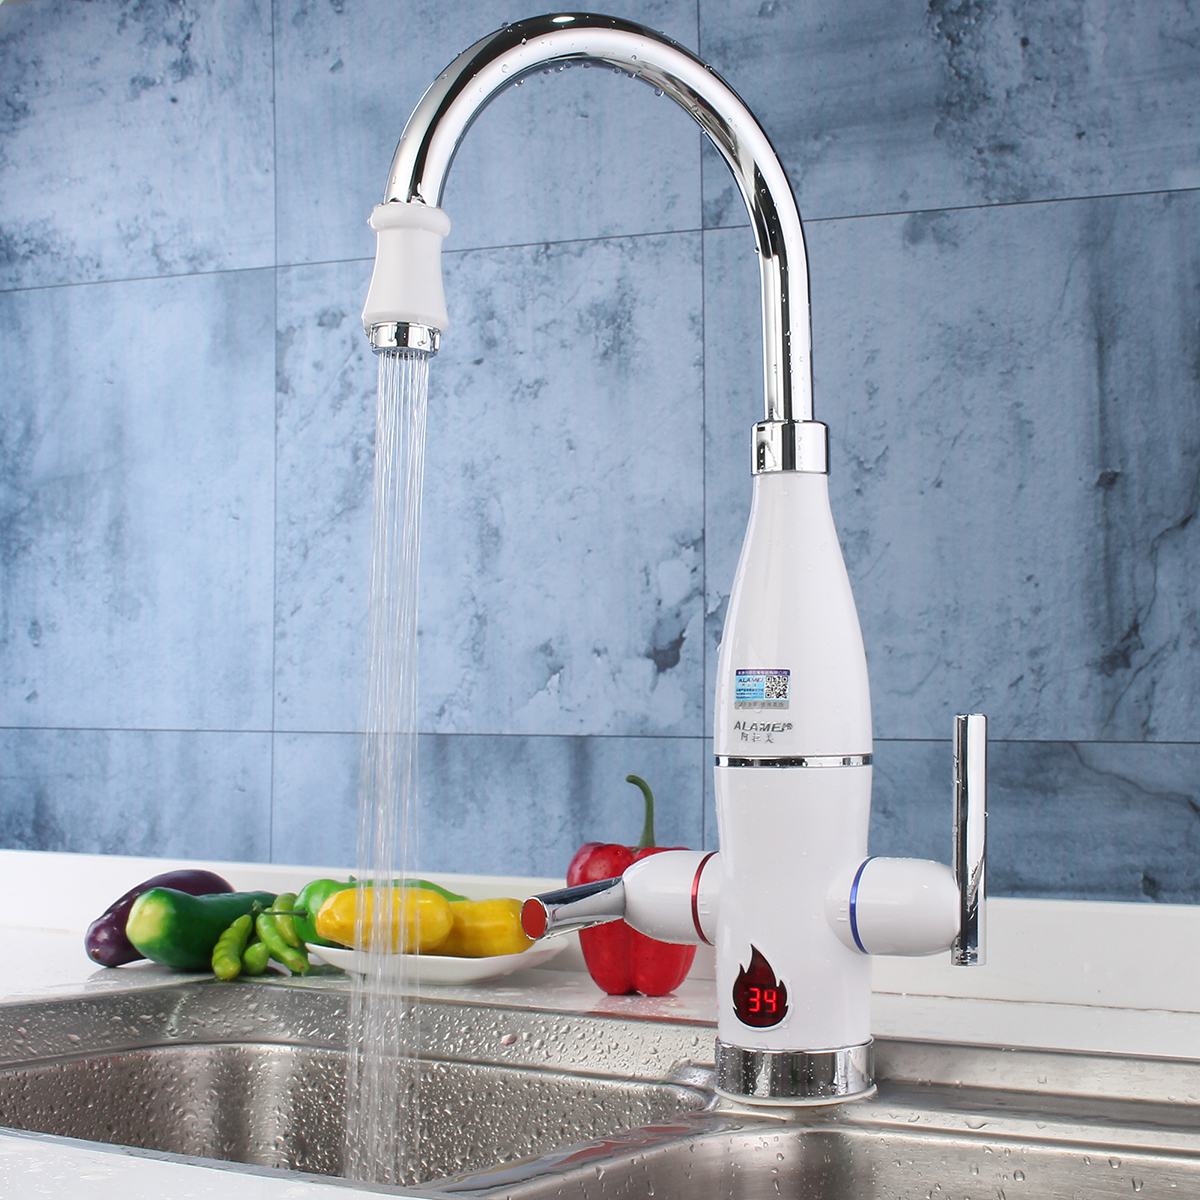 Выбираем проточный электрический водонагреватель для квартиры: лучшие модели 2020 года